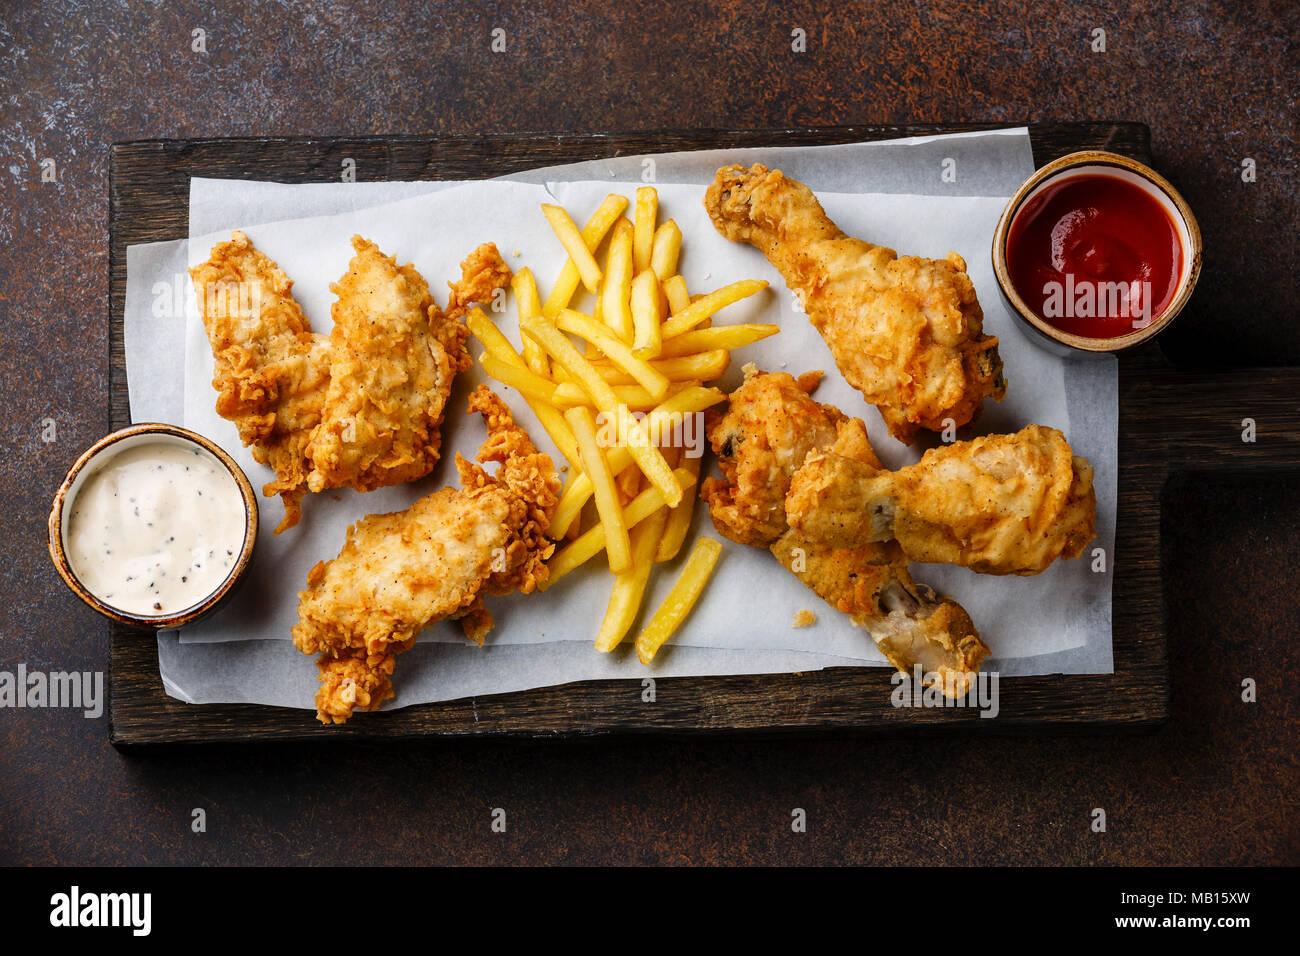 Cuisses de poulet pané frit avec sauce de restauration rapide populaires sur fond brun Photo Stock